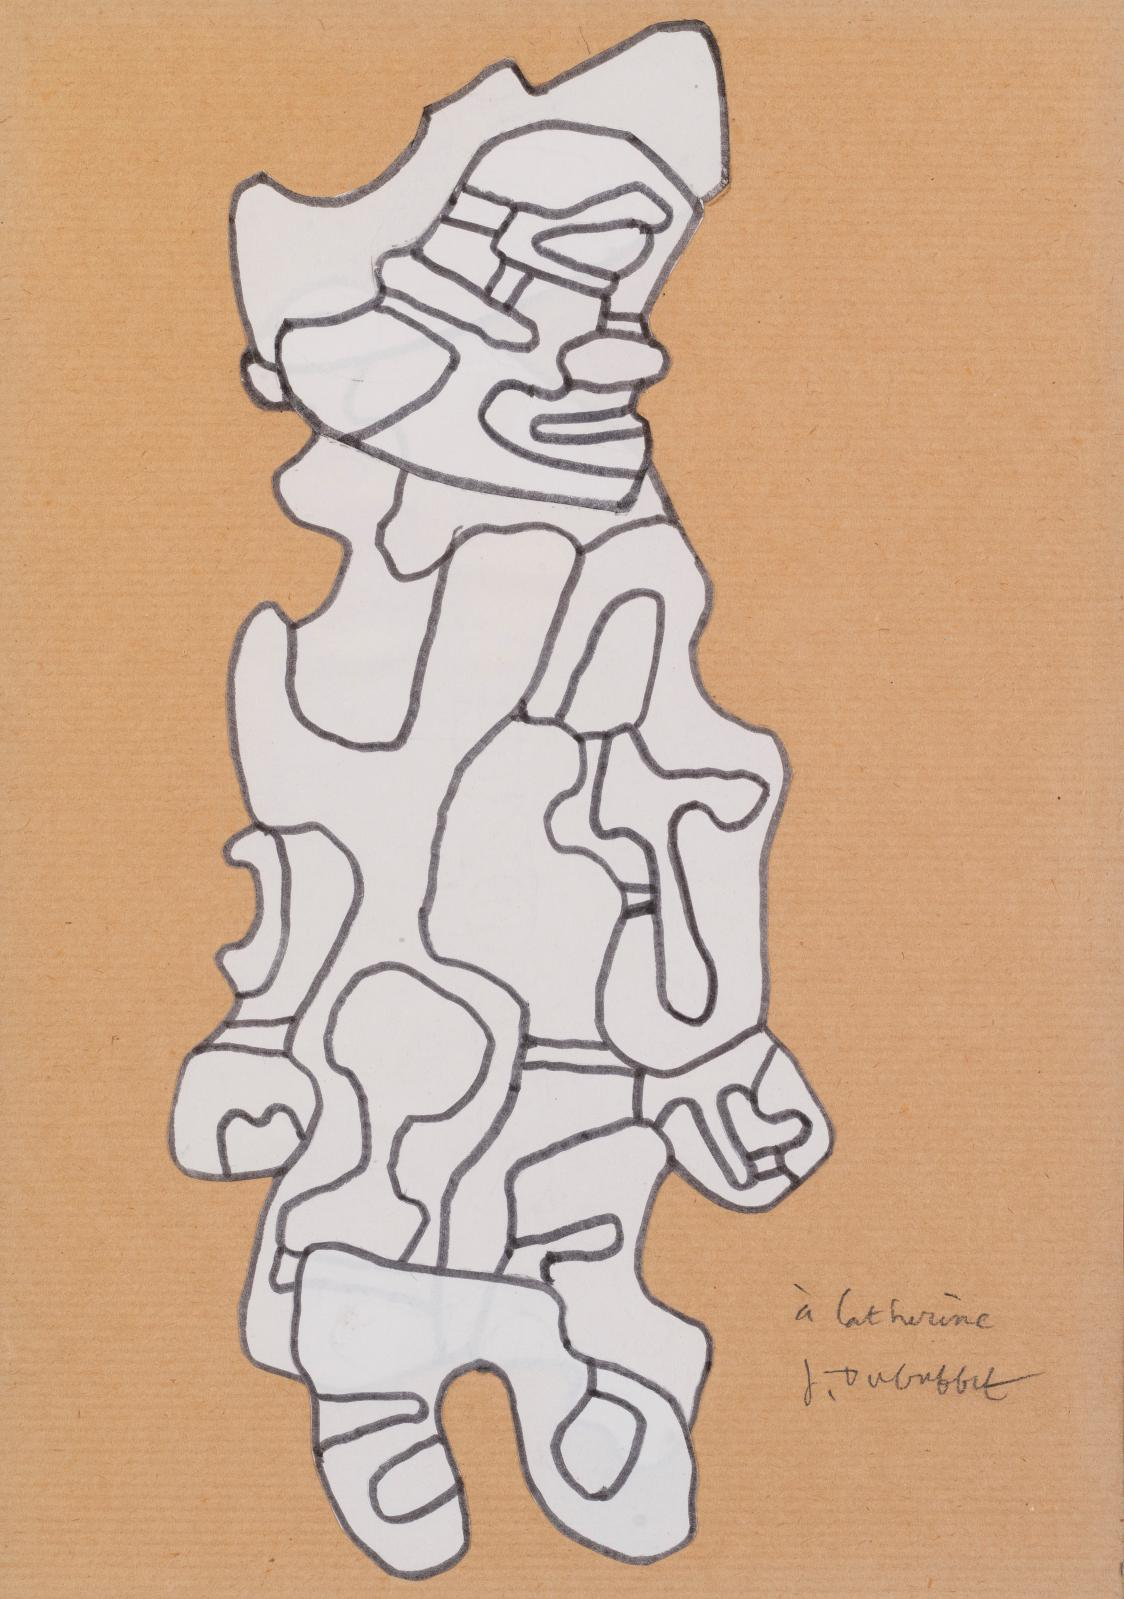 Jean Dubuffet, Fille aux cheveux, 12 août 1970. COURTESY GALERIE BAUDOIN-LEBON